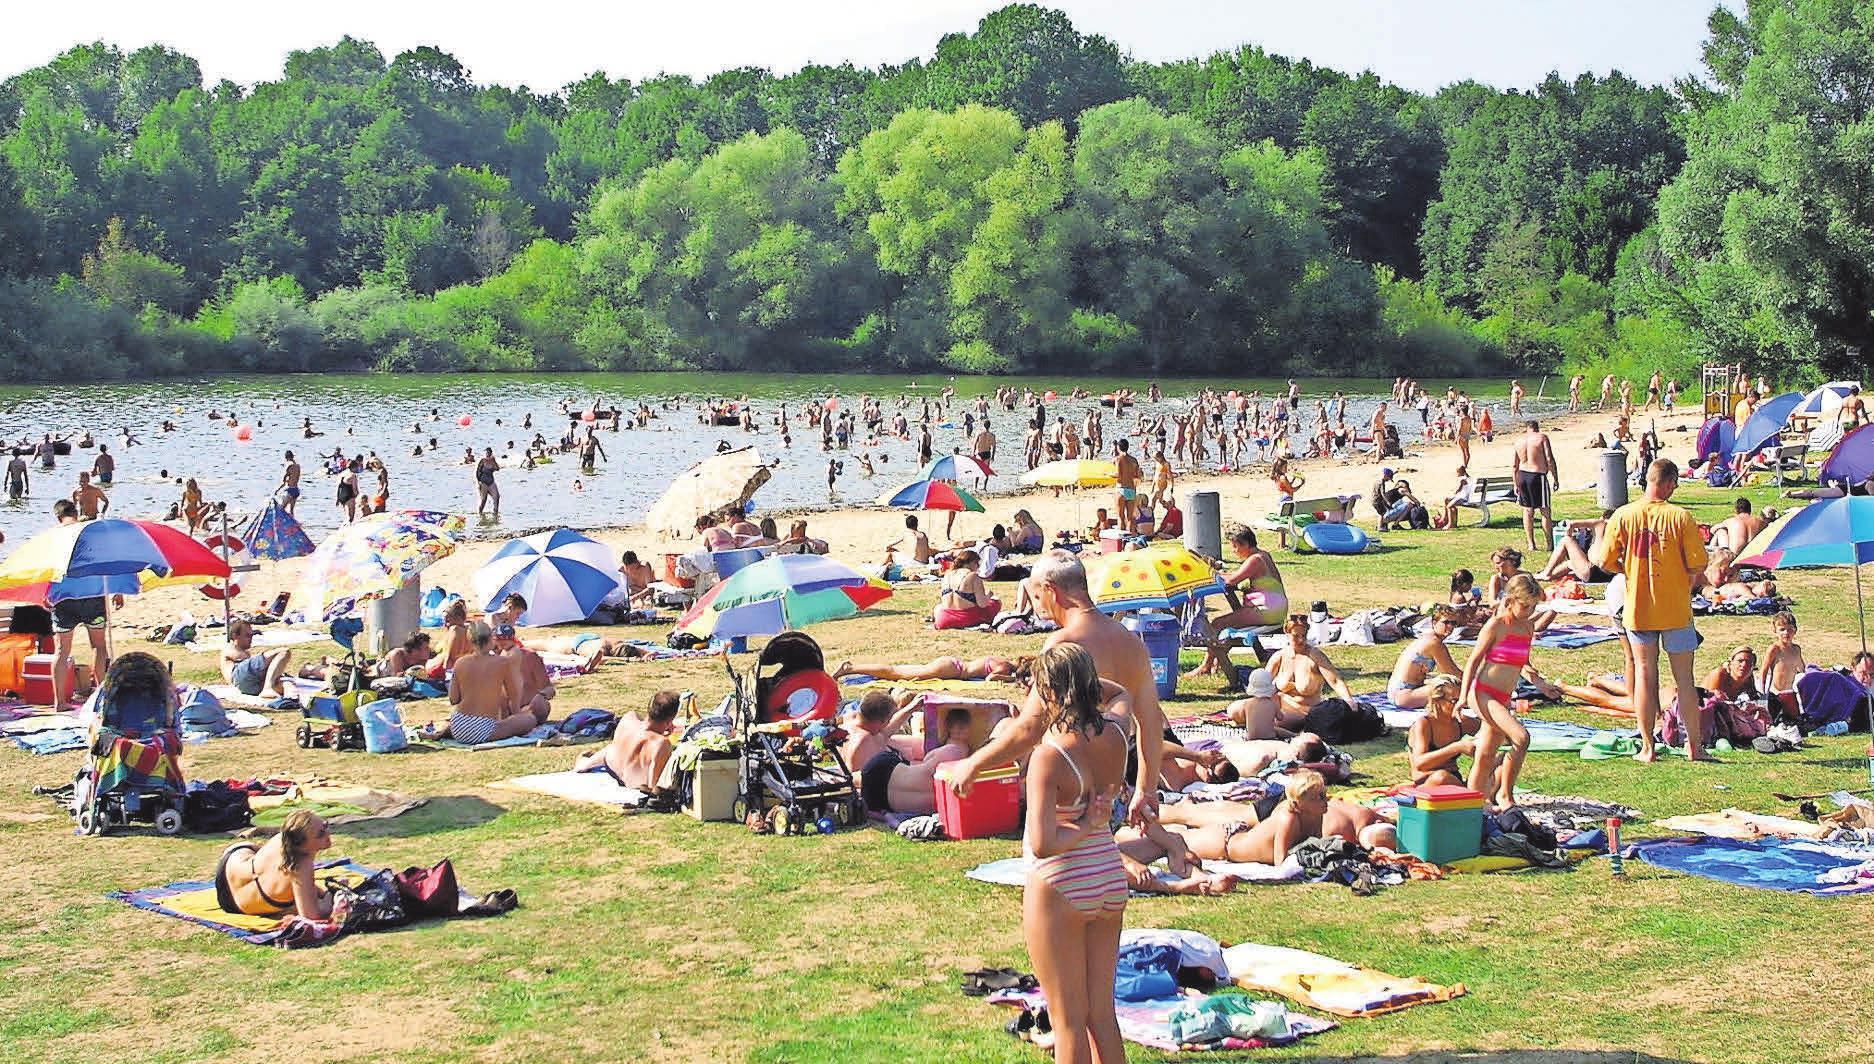 Das Strandbad Hemmingen bietet einen breiten Sandstrand und eine weitläufige Liegefläche.